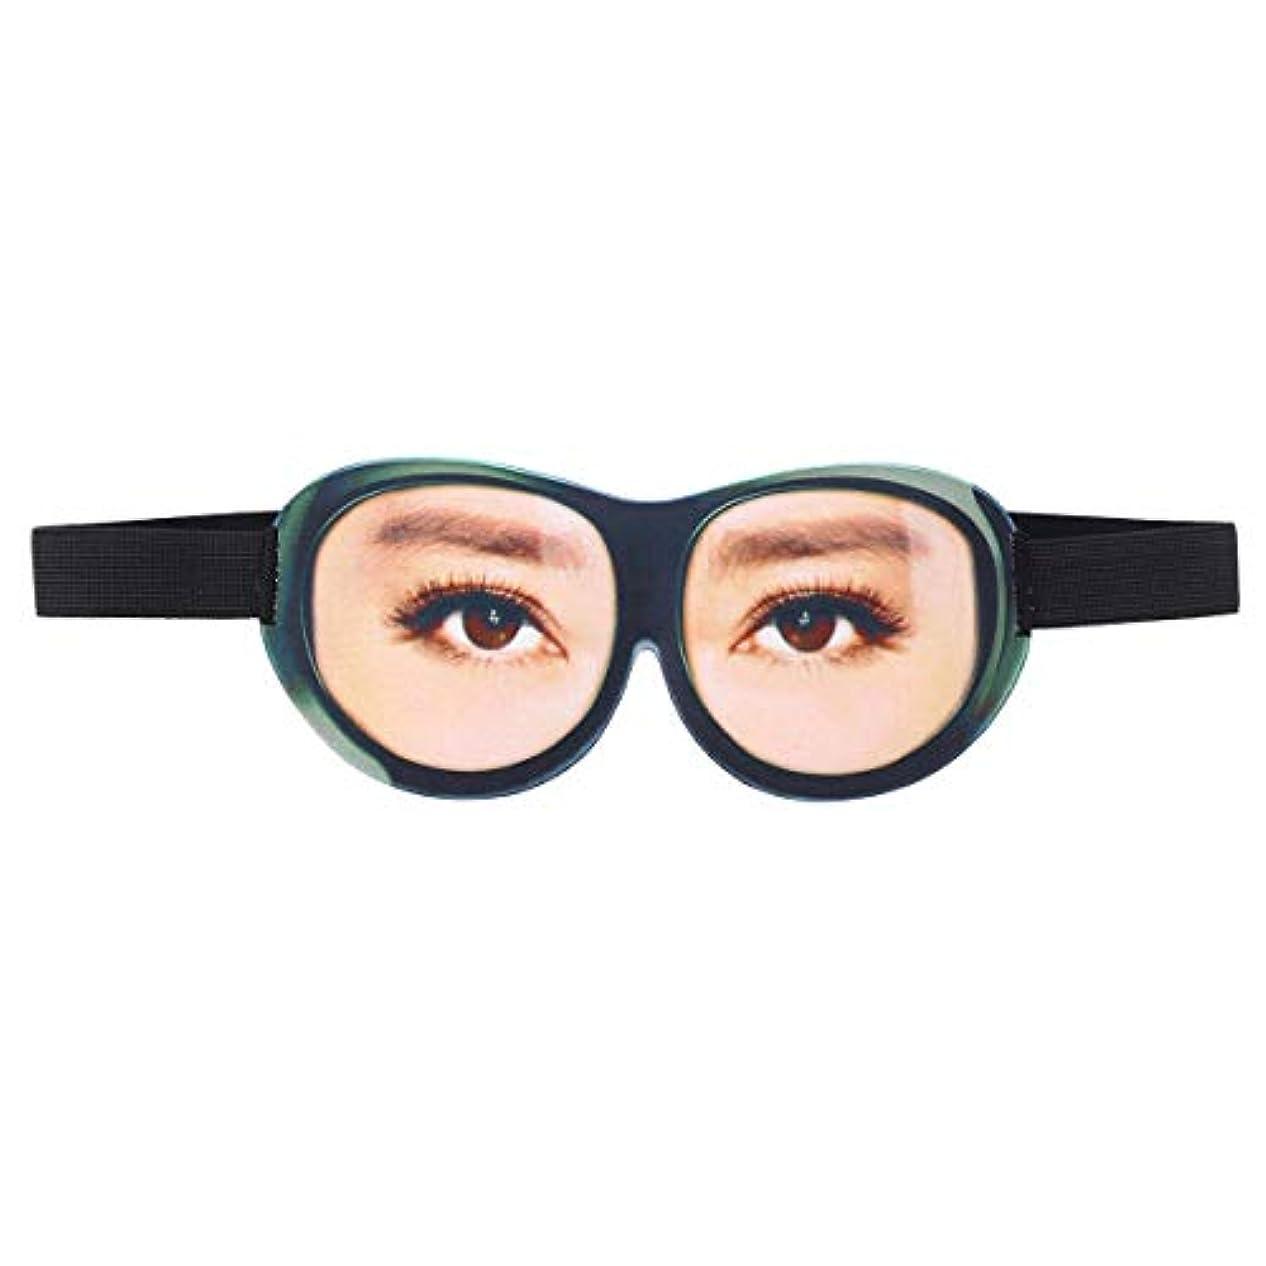 役に立つ時間厳守時間厳守Healifty 睡眠目隠し3D面白いアイシェード通気性睡眠マスク旅行睡眠ヘルパーアイシェード用男性と女性